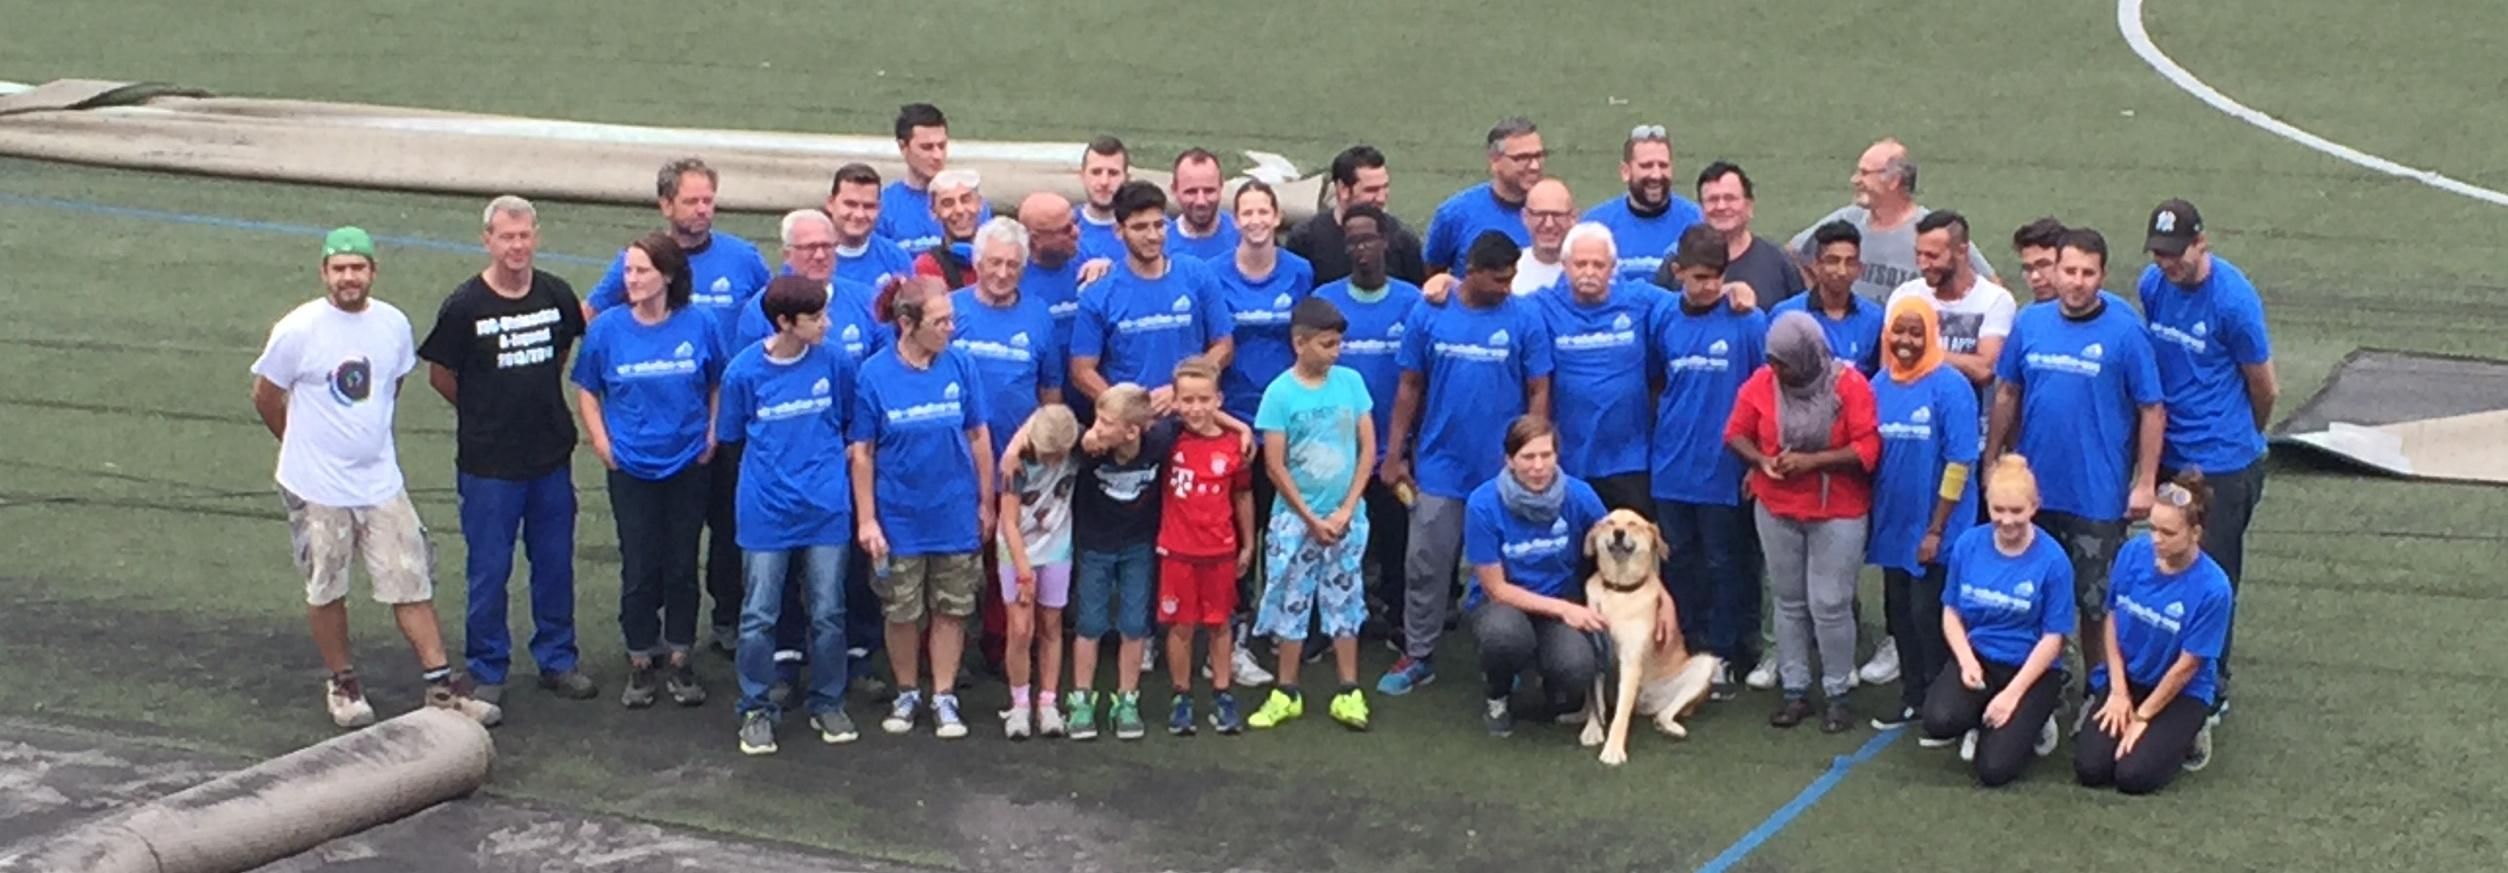 Freiwilligentag 2016